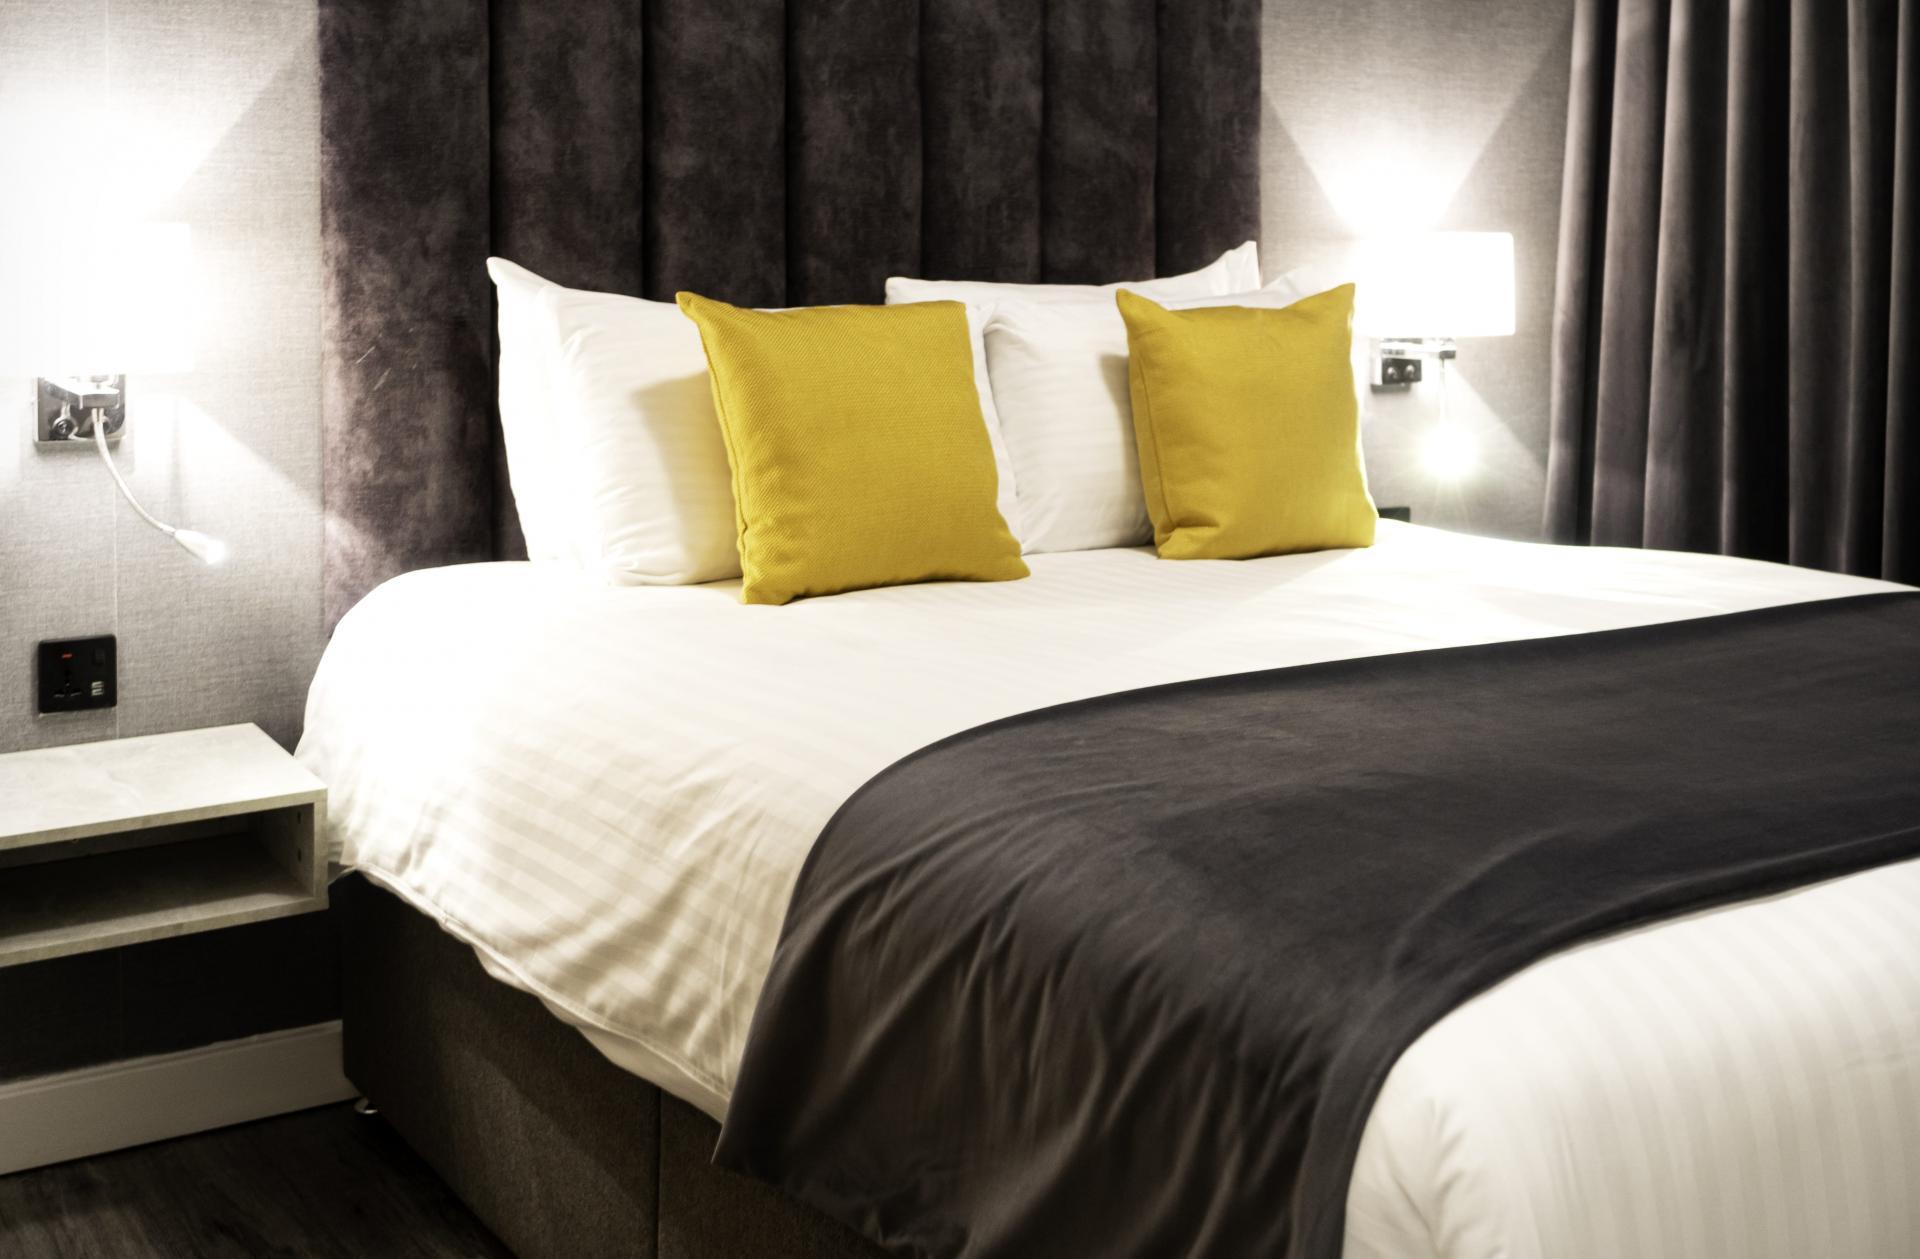 Stay Metro Aparthotel Glasgow, Merchant City, Glasgow - Citybase Apartments